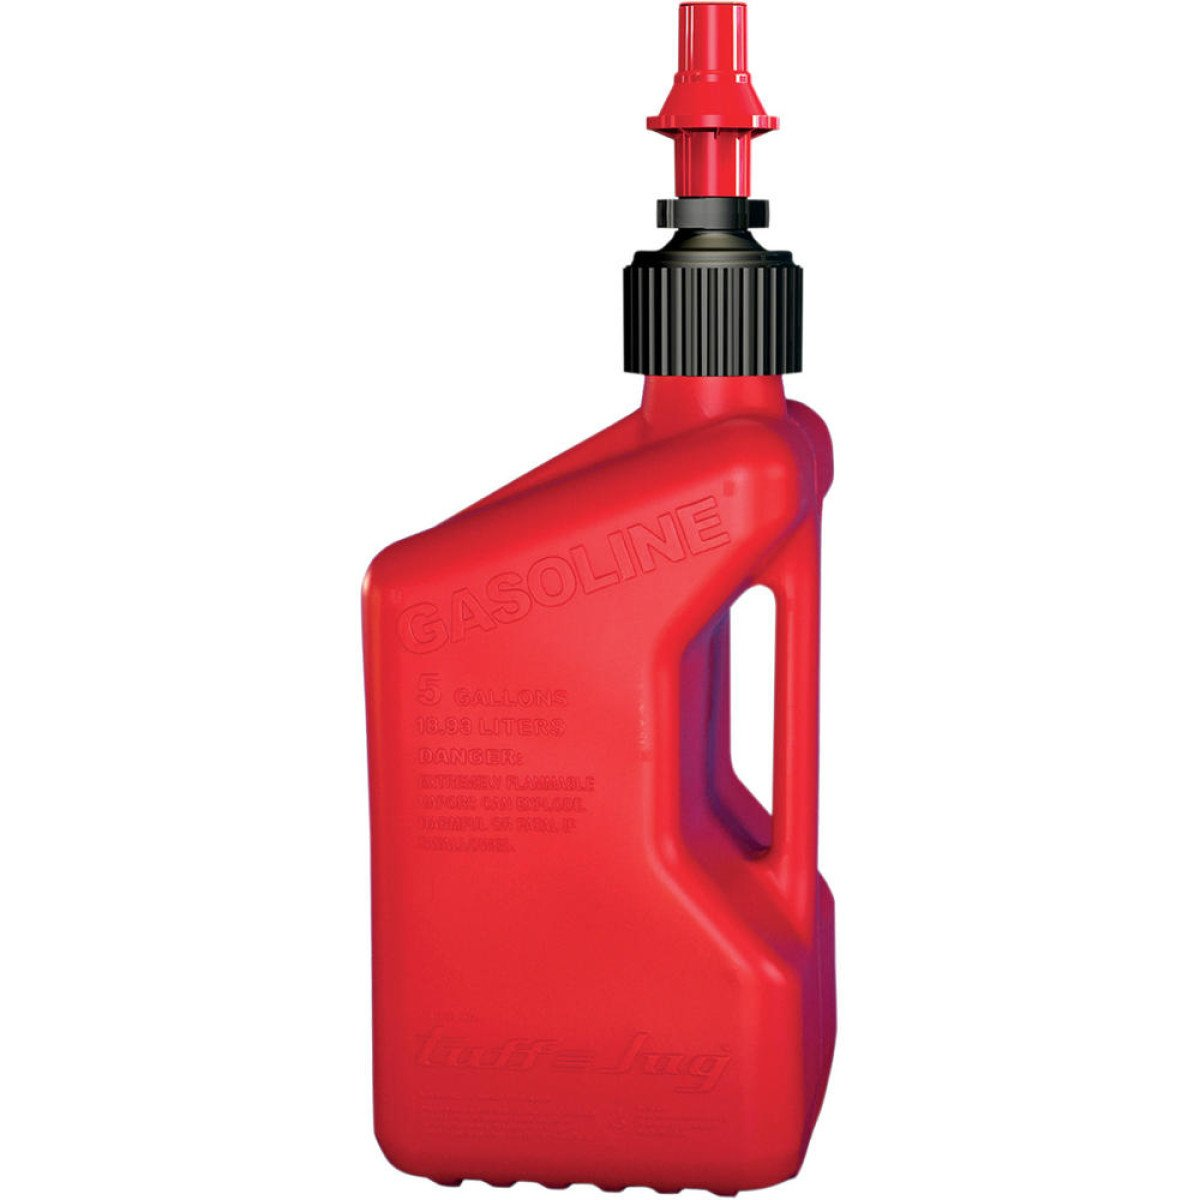 Schnelltank Benzin-Kanister - TUFF JUG CONTAINER 20L rot